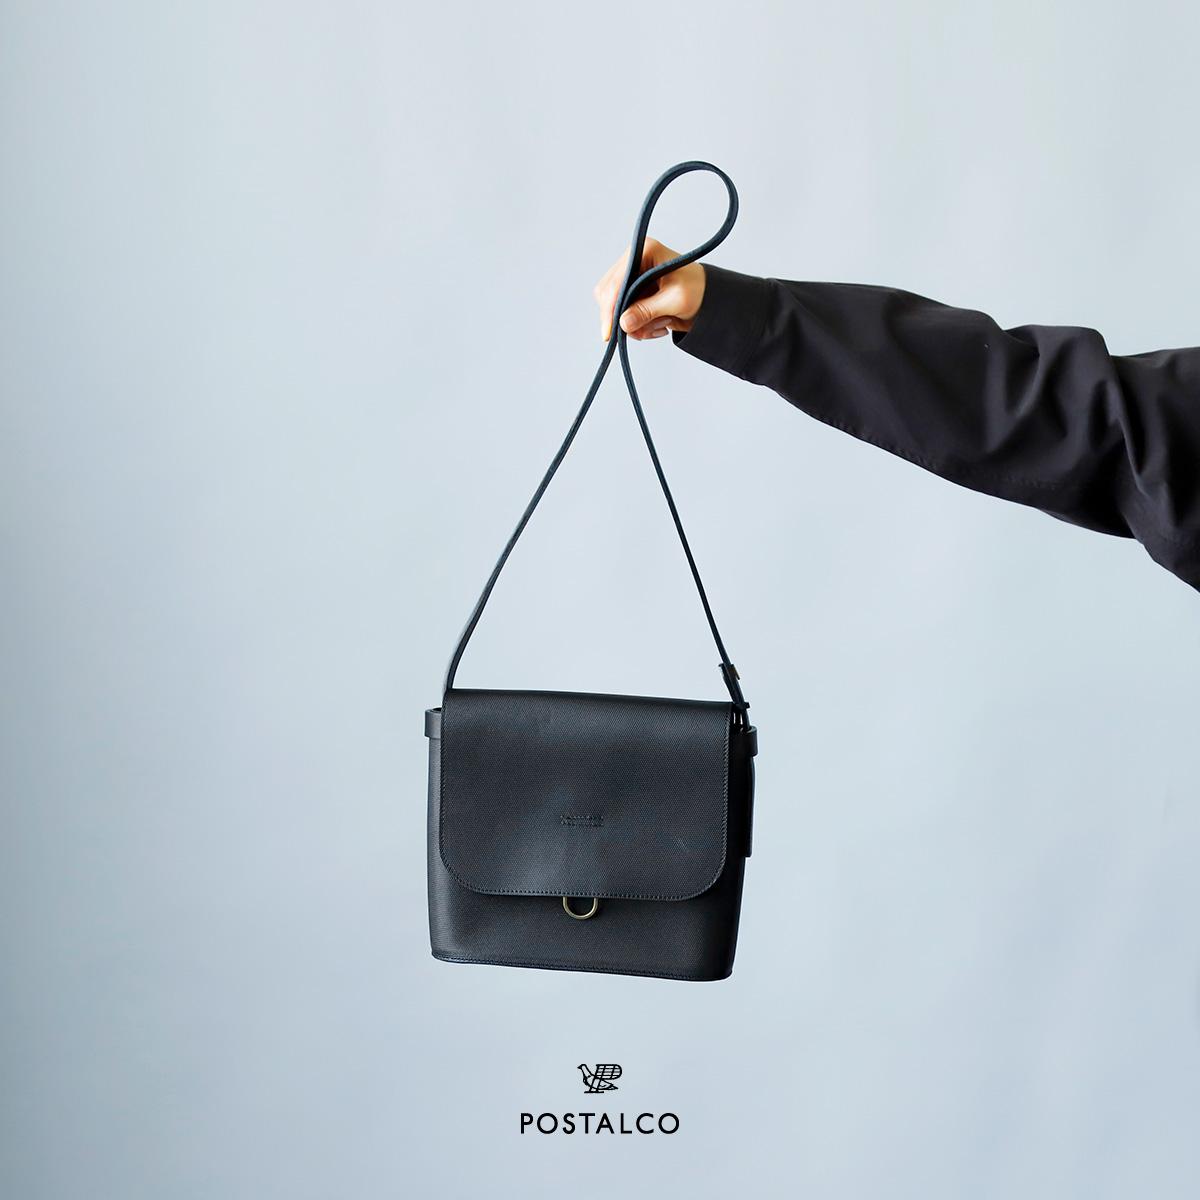 POSTALCO(ポスタルコ)クロスグレインレザー メールバッグ スモール 90085